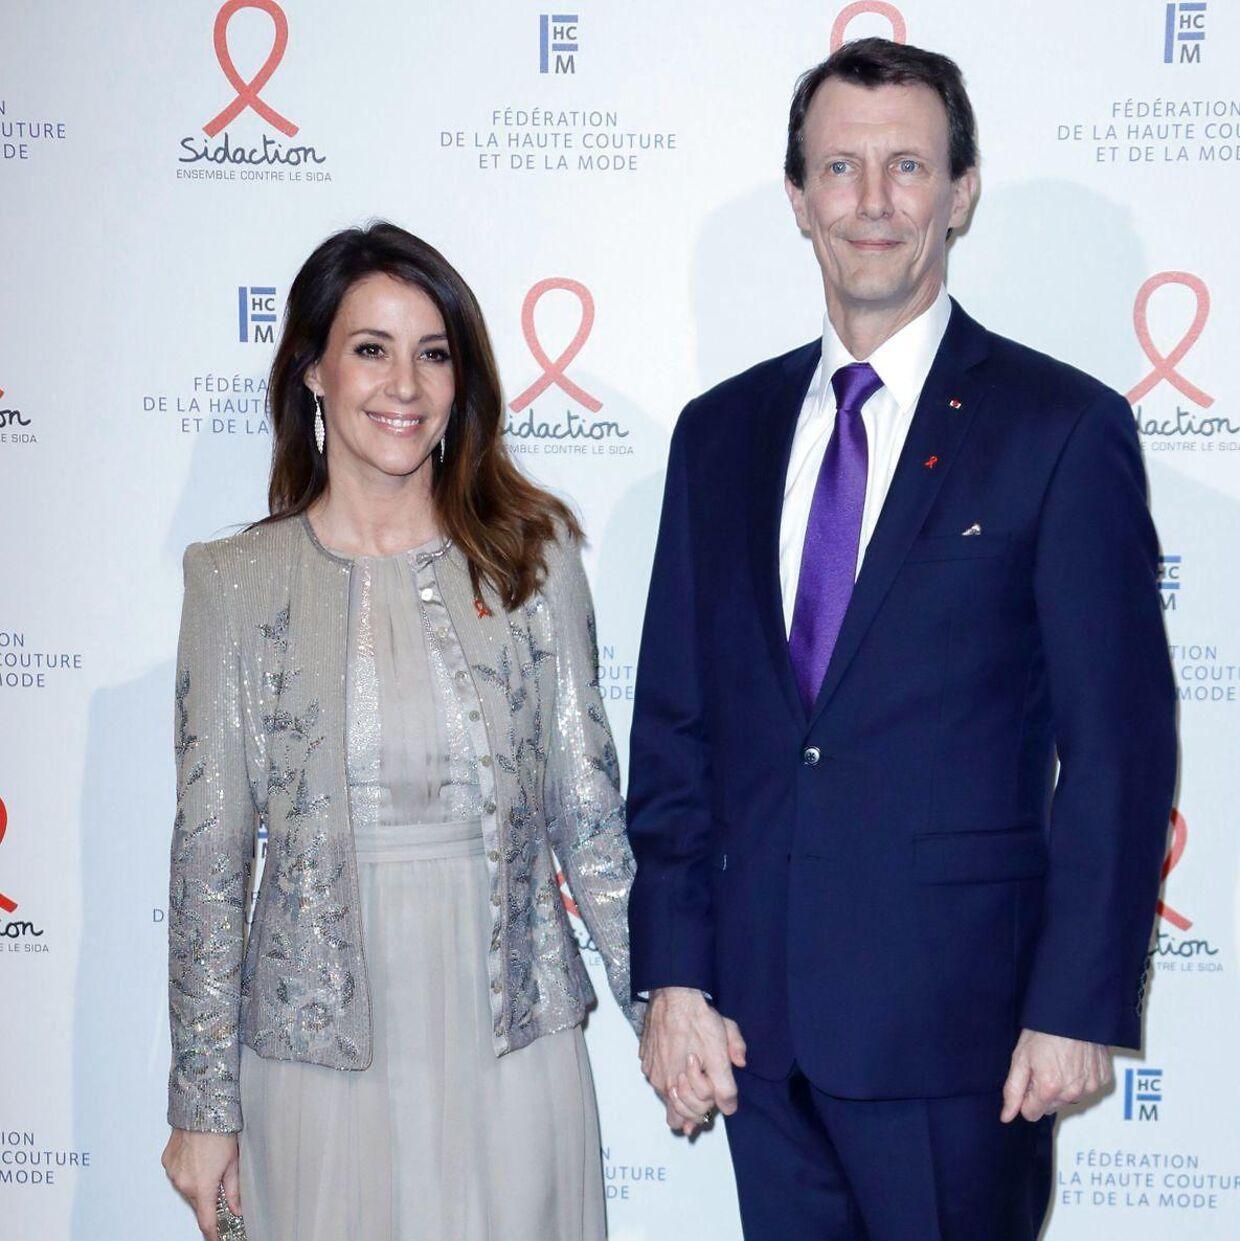 Det er endnu ikke fastlagt, hvordan prins Joachim og prinsesse Marie skal finansiere deres liv i det franske. Statsministeren har fremført et beslutningsforslag om, at man giver ham tilladelse til at beholde sine årpenge, så længe han arbejder på en dansk ambassade.